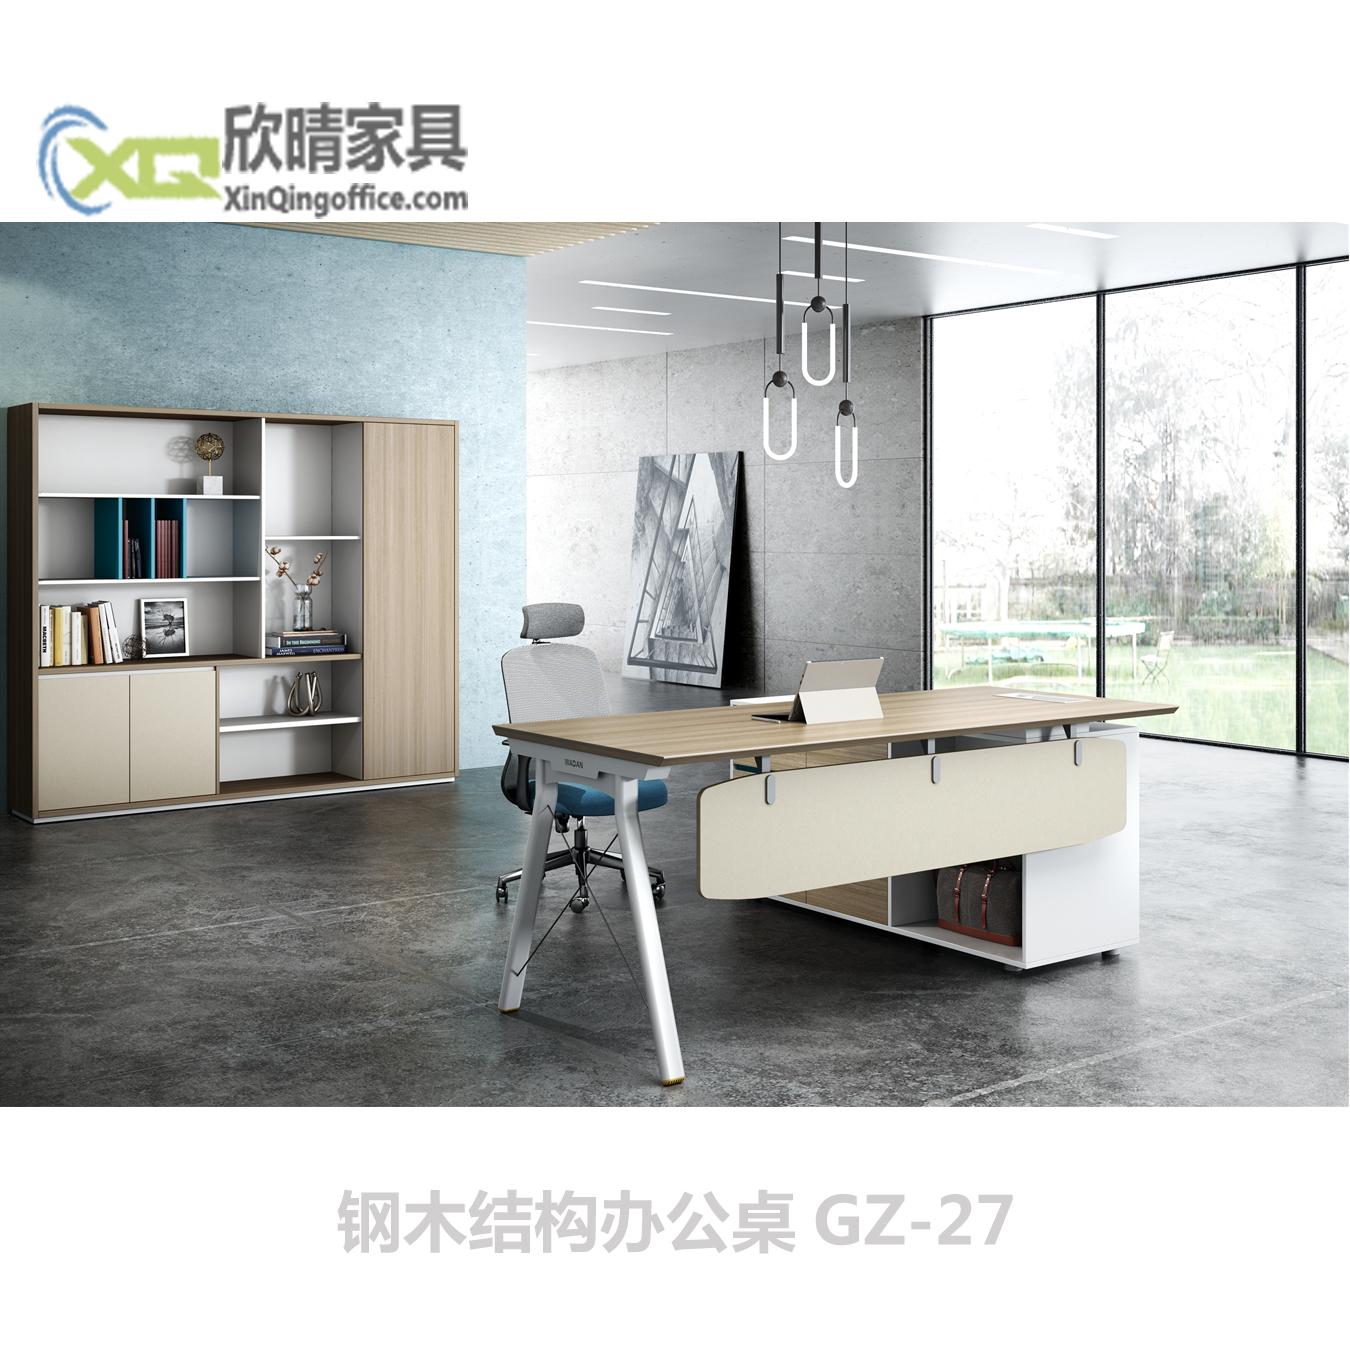 钢木结构办公桌GZ-27